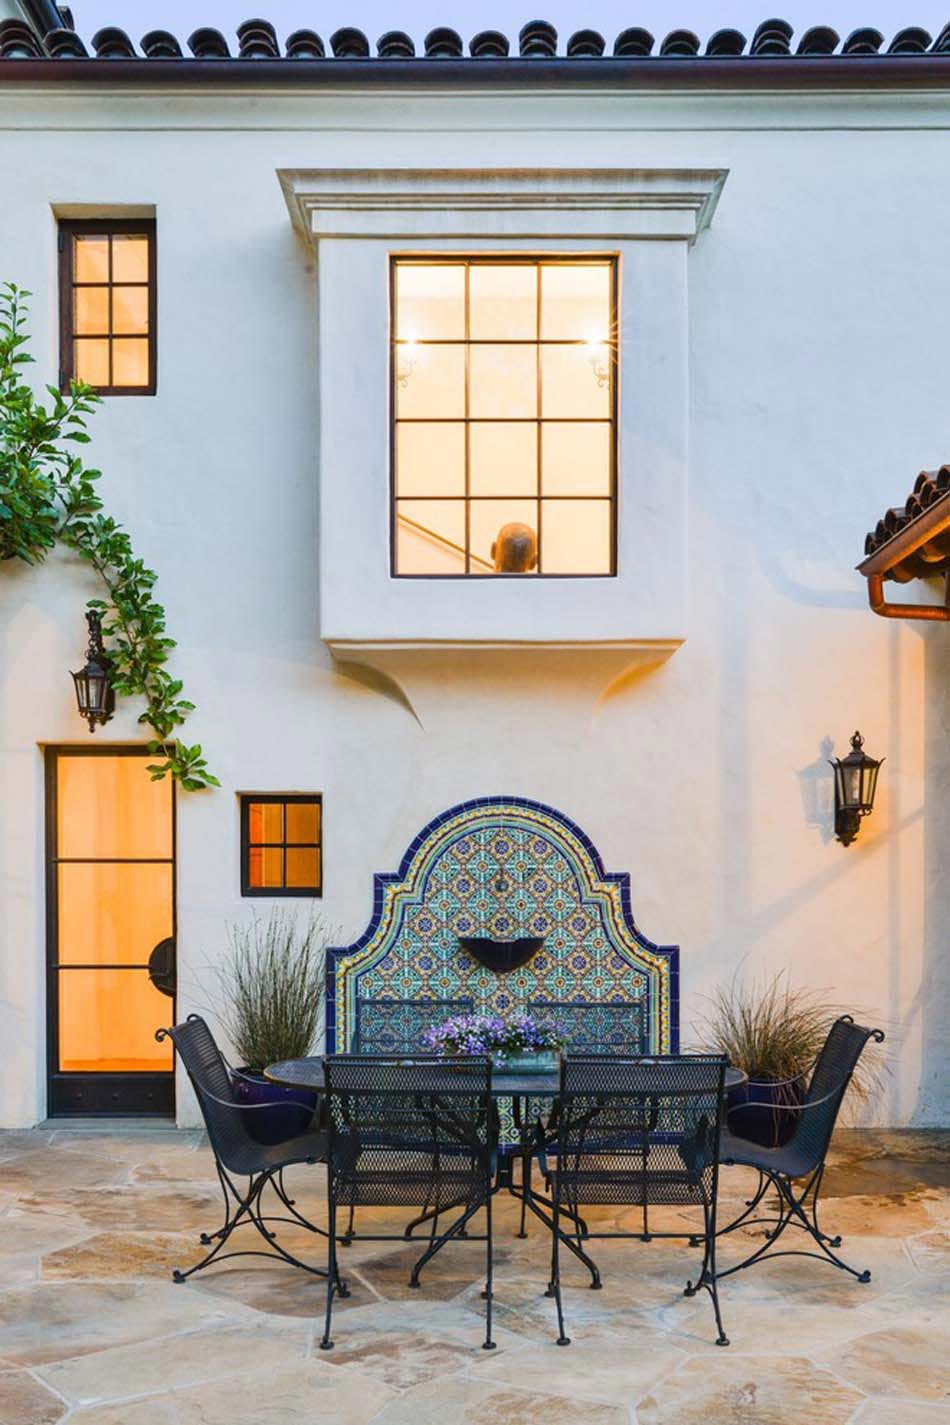 Des id es de d co jardin qui apportent de la couleur nos for Decorer mur exterieur